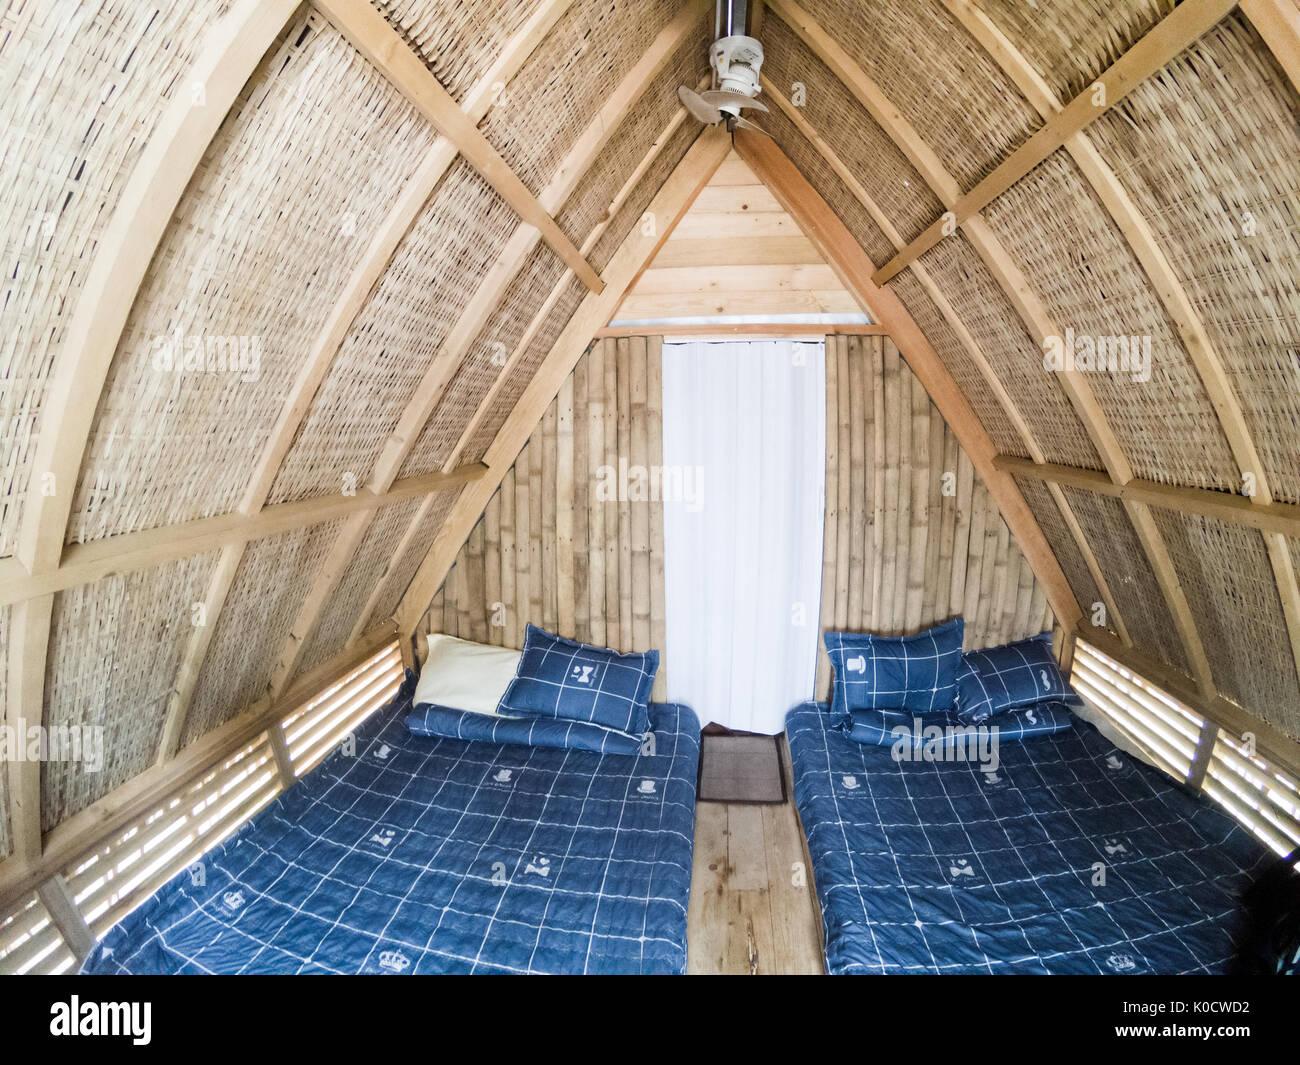 Bambus Bett Schlafzimmer Haus Bungalow Möbel Zimmer Architektur Home